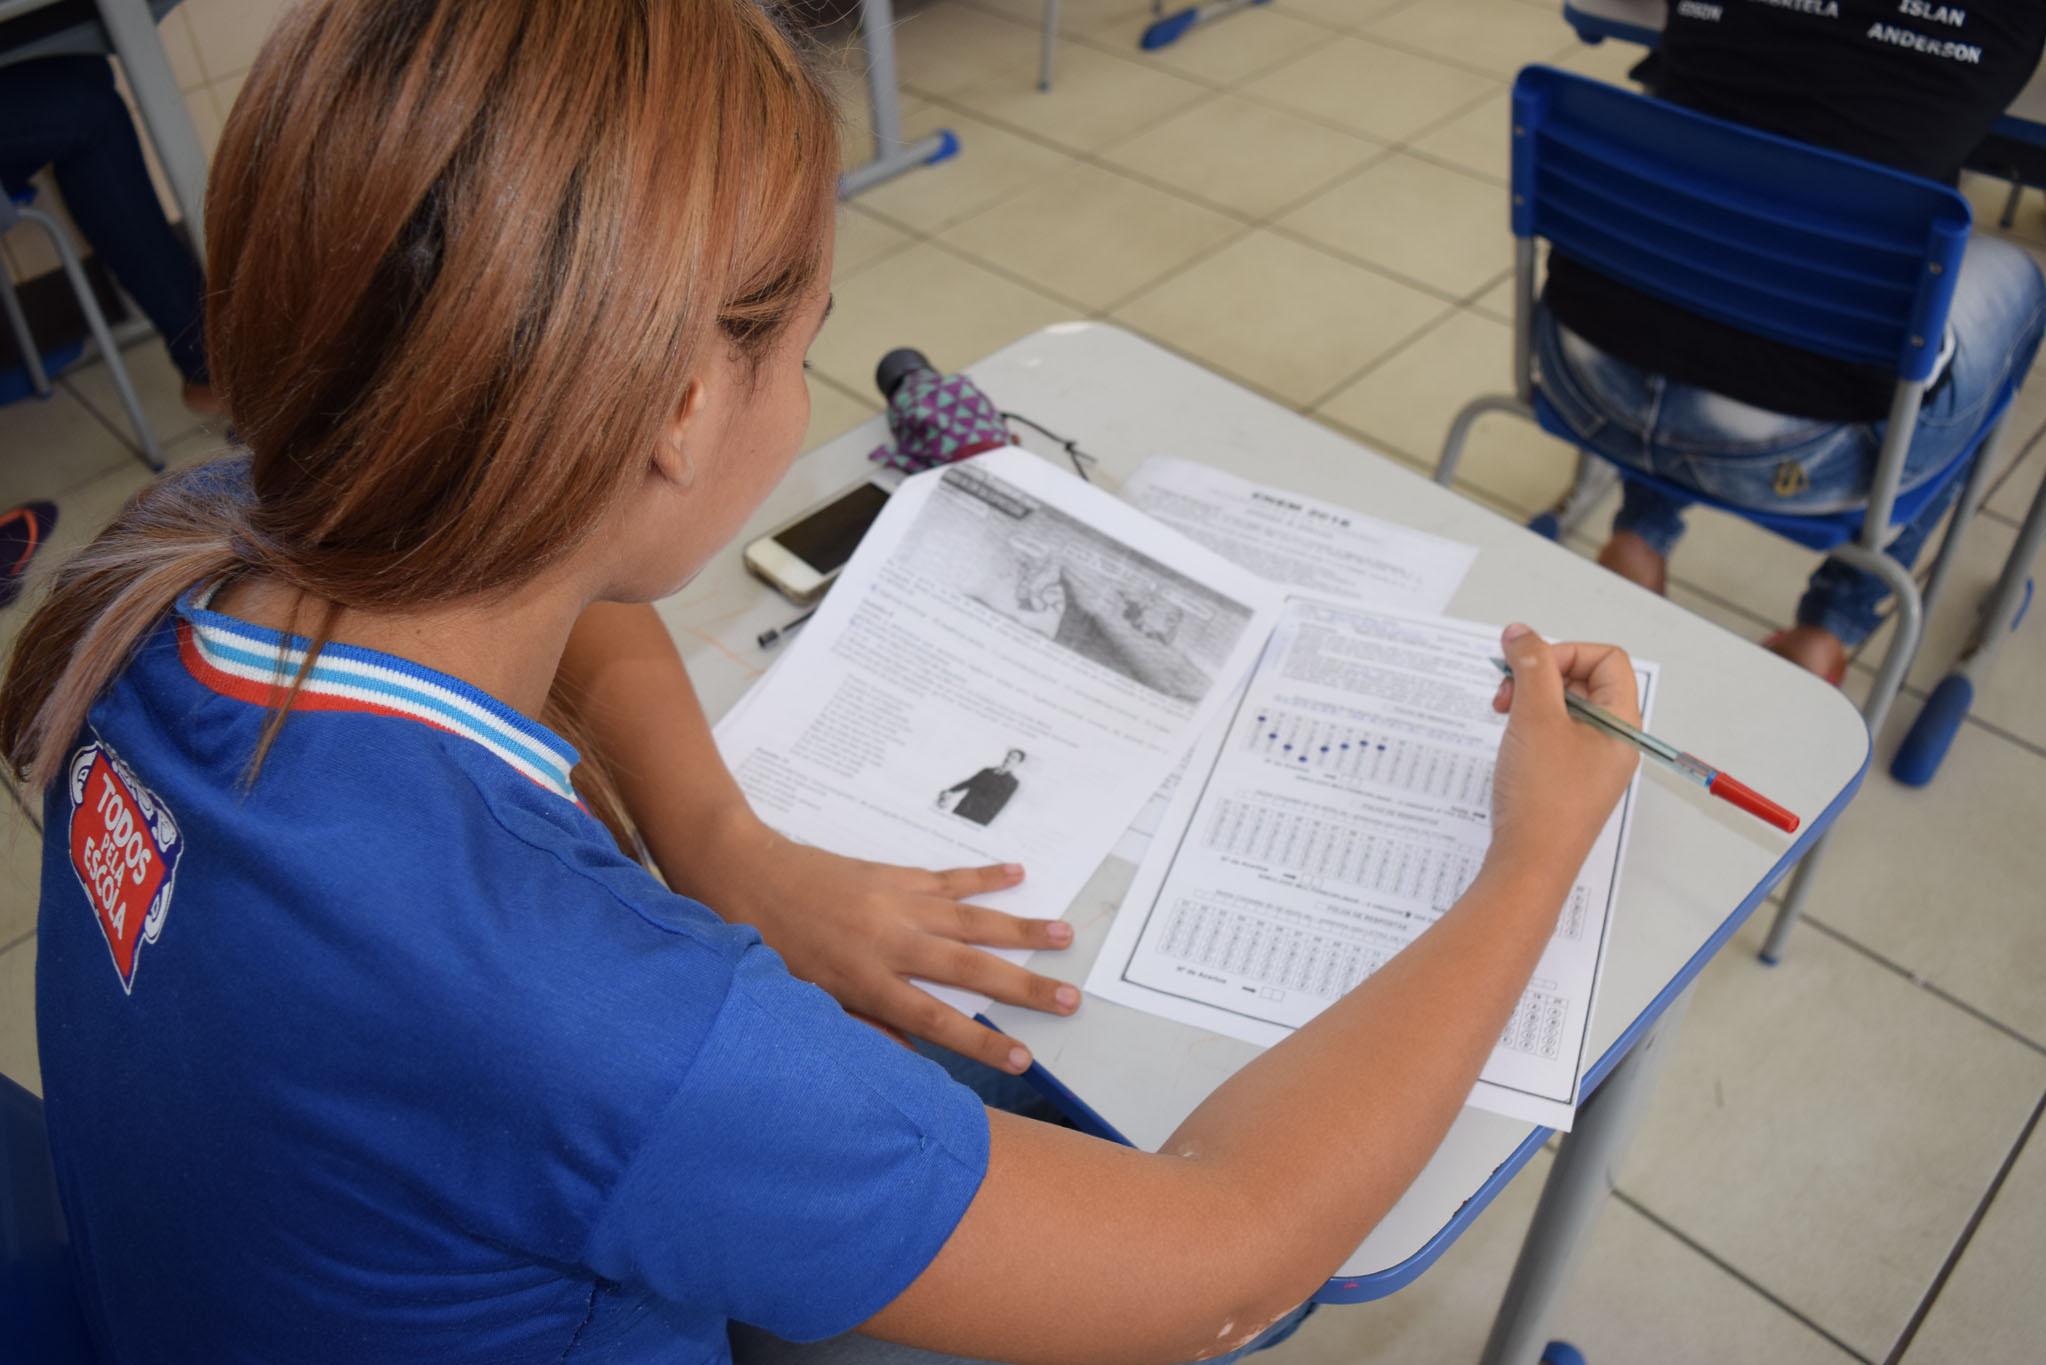 Educação - sala de aula - estudantes alunos ensino médio jovens professores magistério enem vestibular provas avaliação